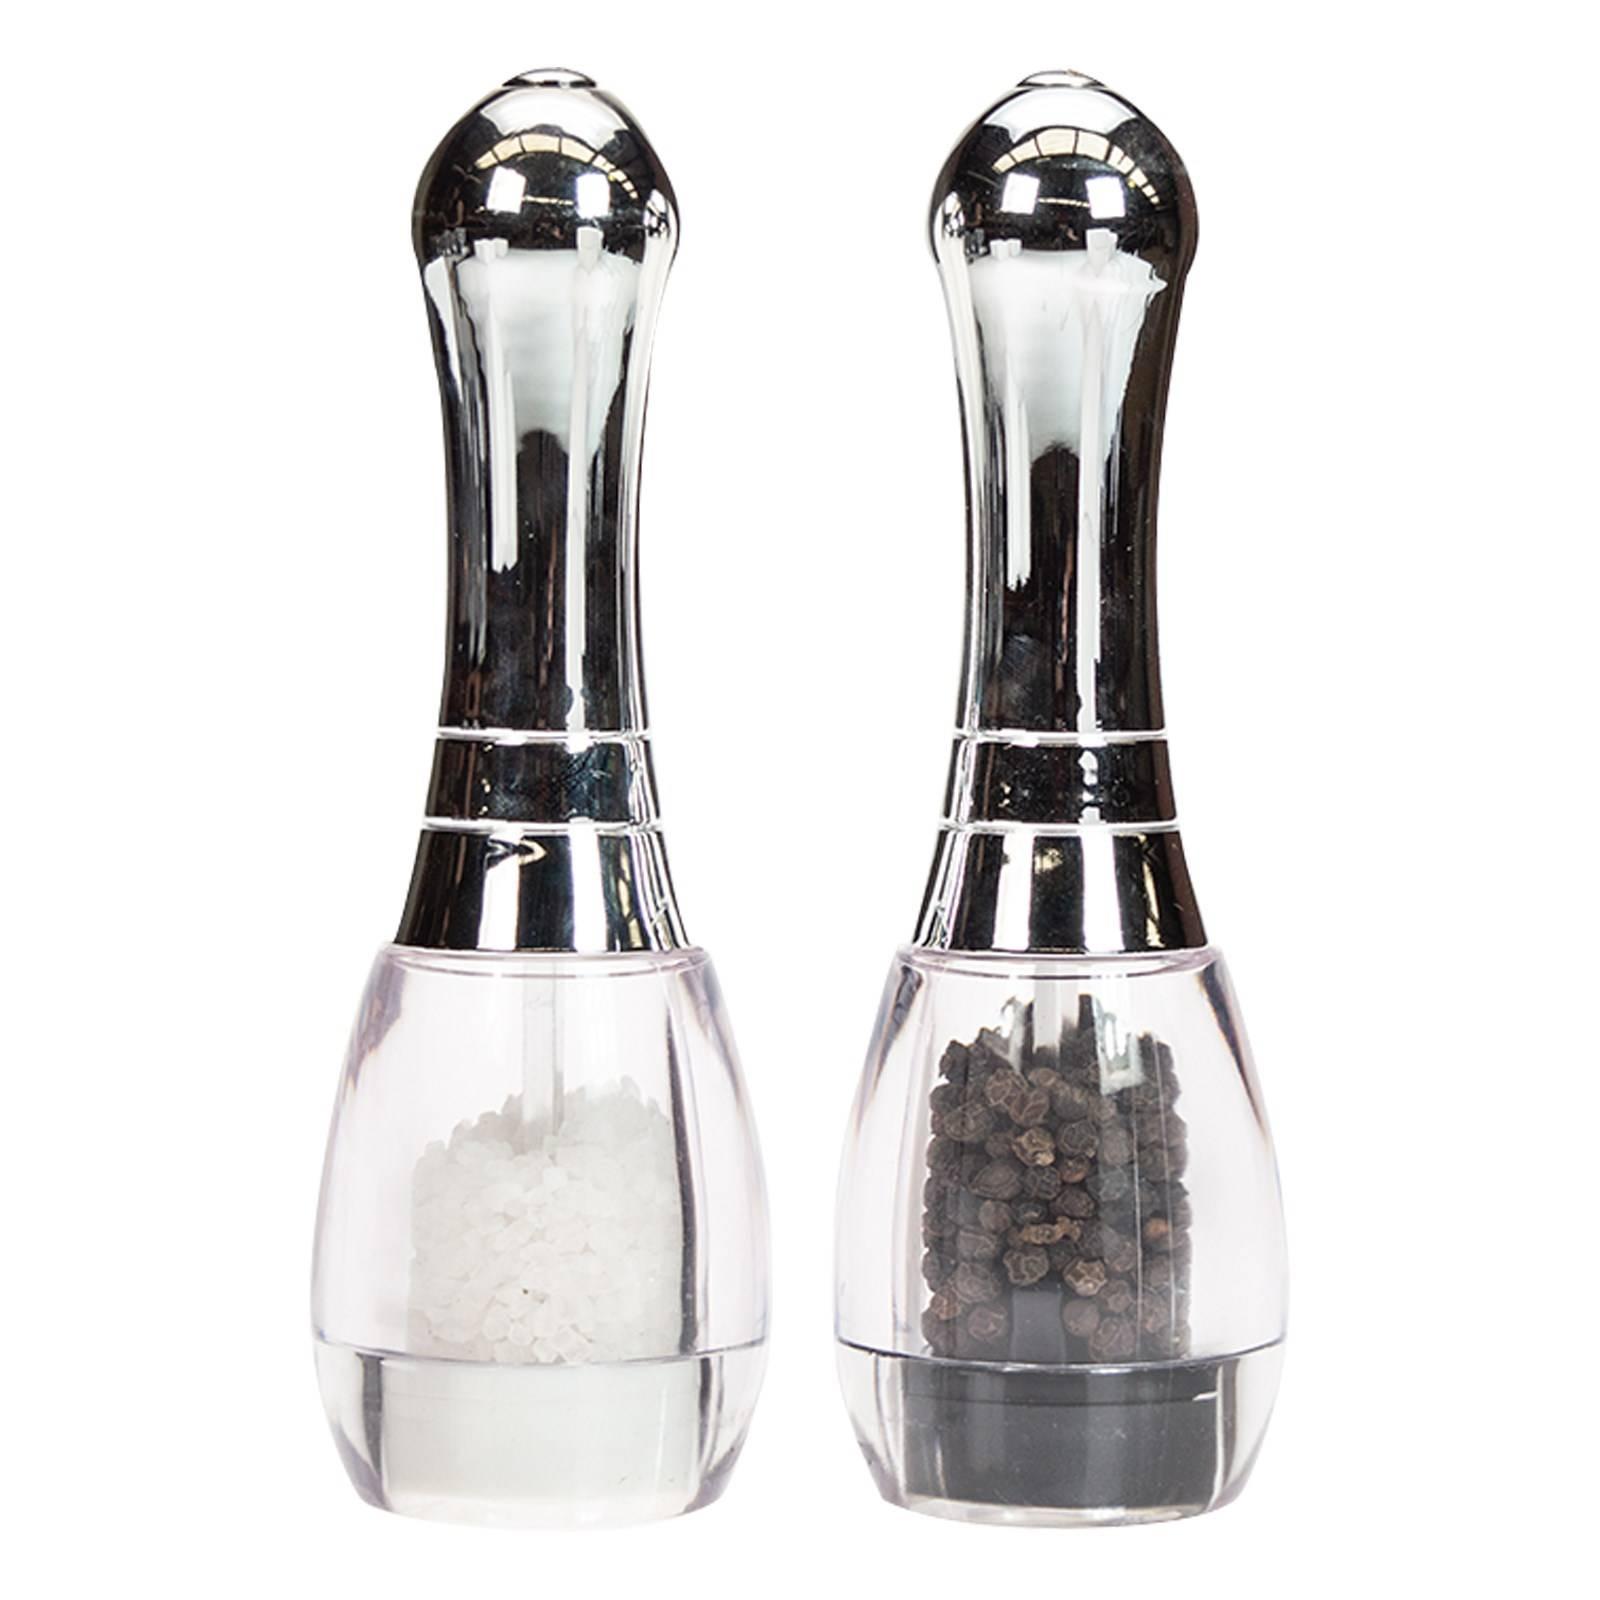 The English Tableware Co Skittle Salt Pepper Mill Set Oldrids